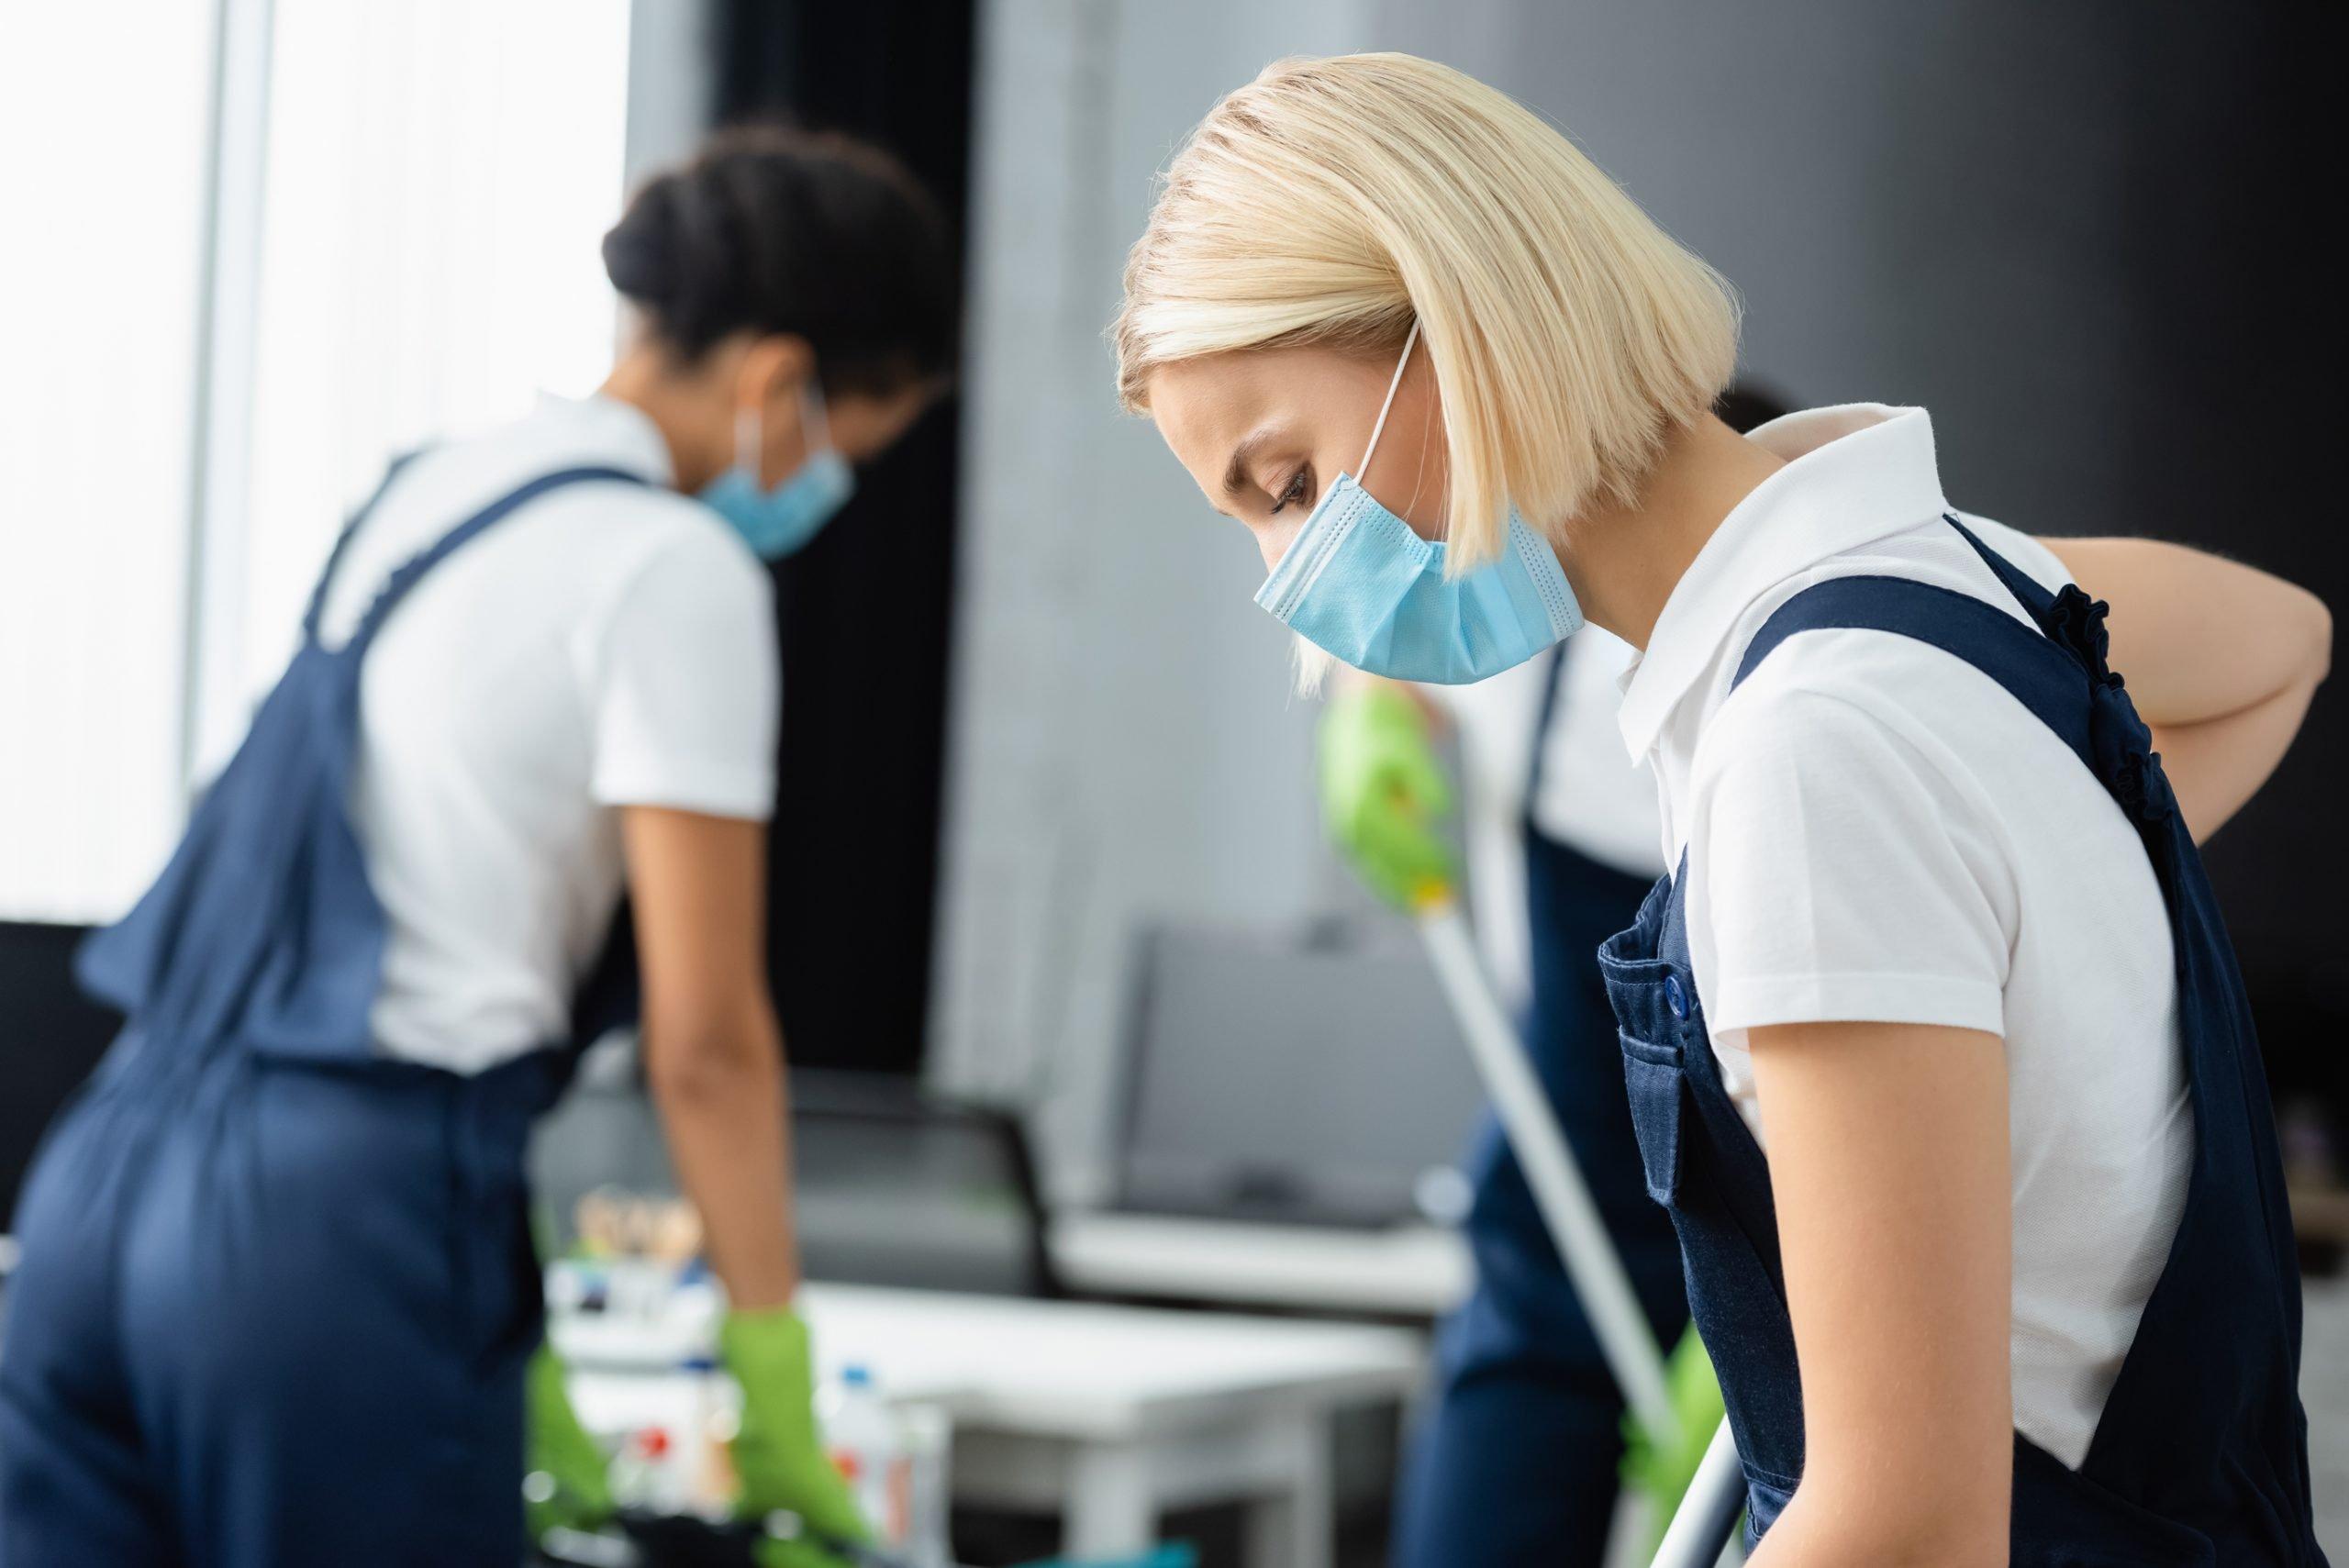 sanificare-ambiente-tuta-operaio